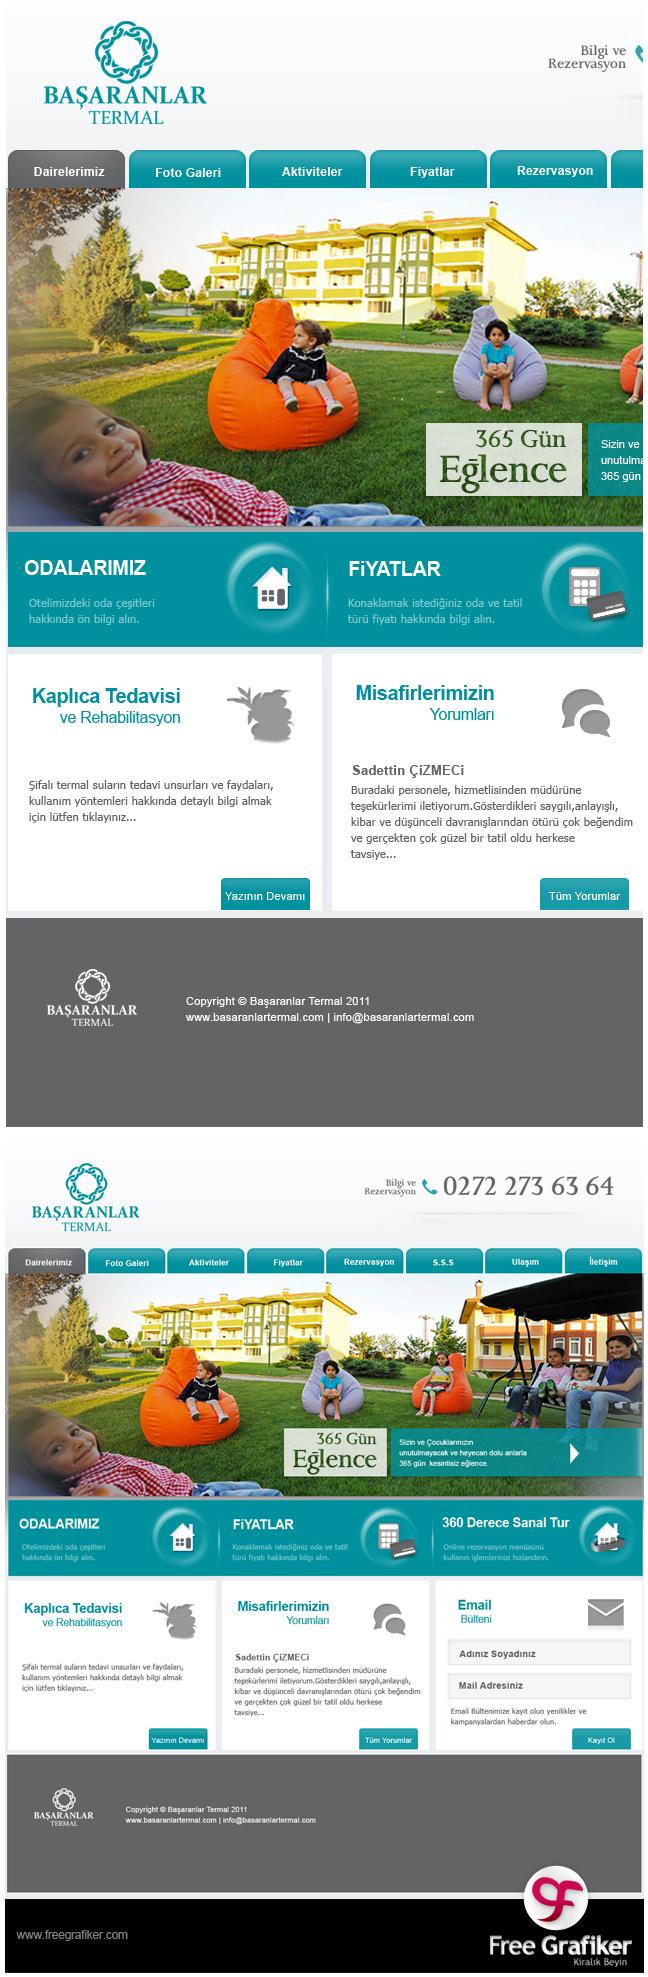 Başaranlar Termal Web Sitesi Tasarımı